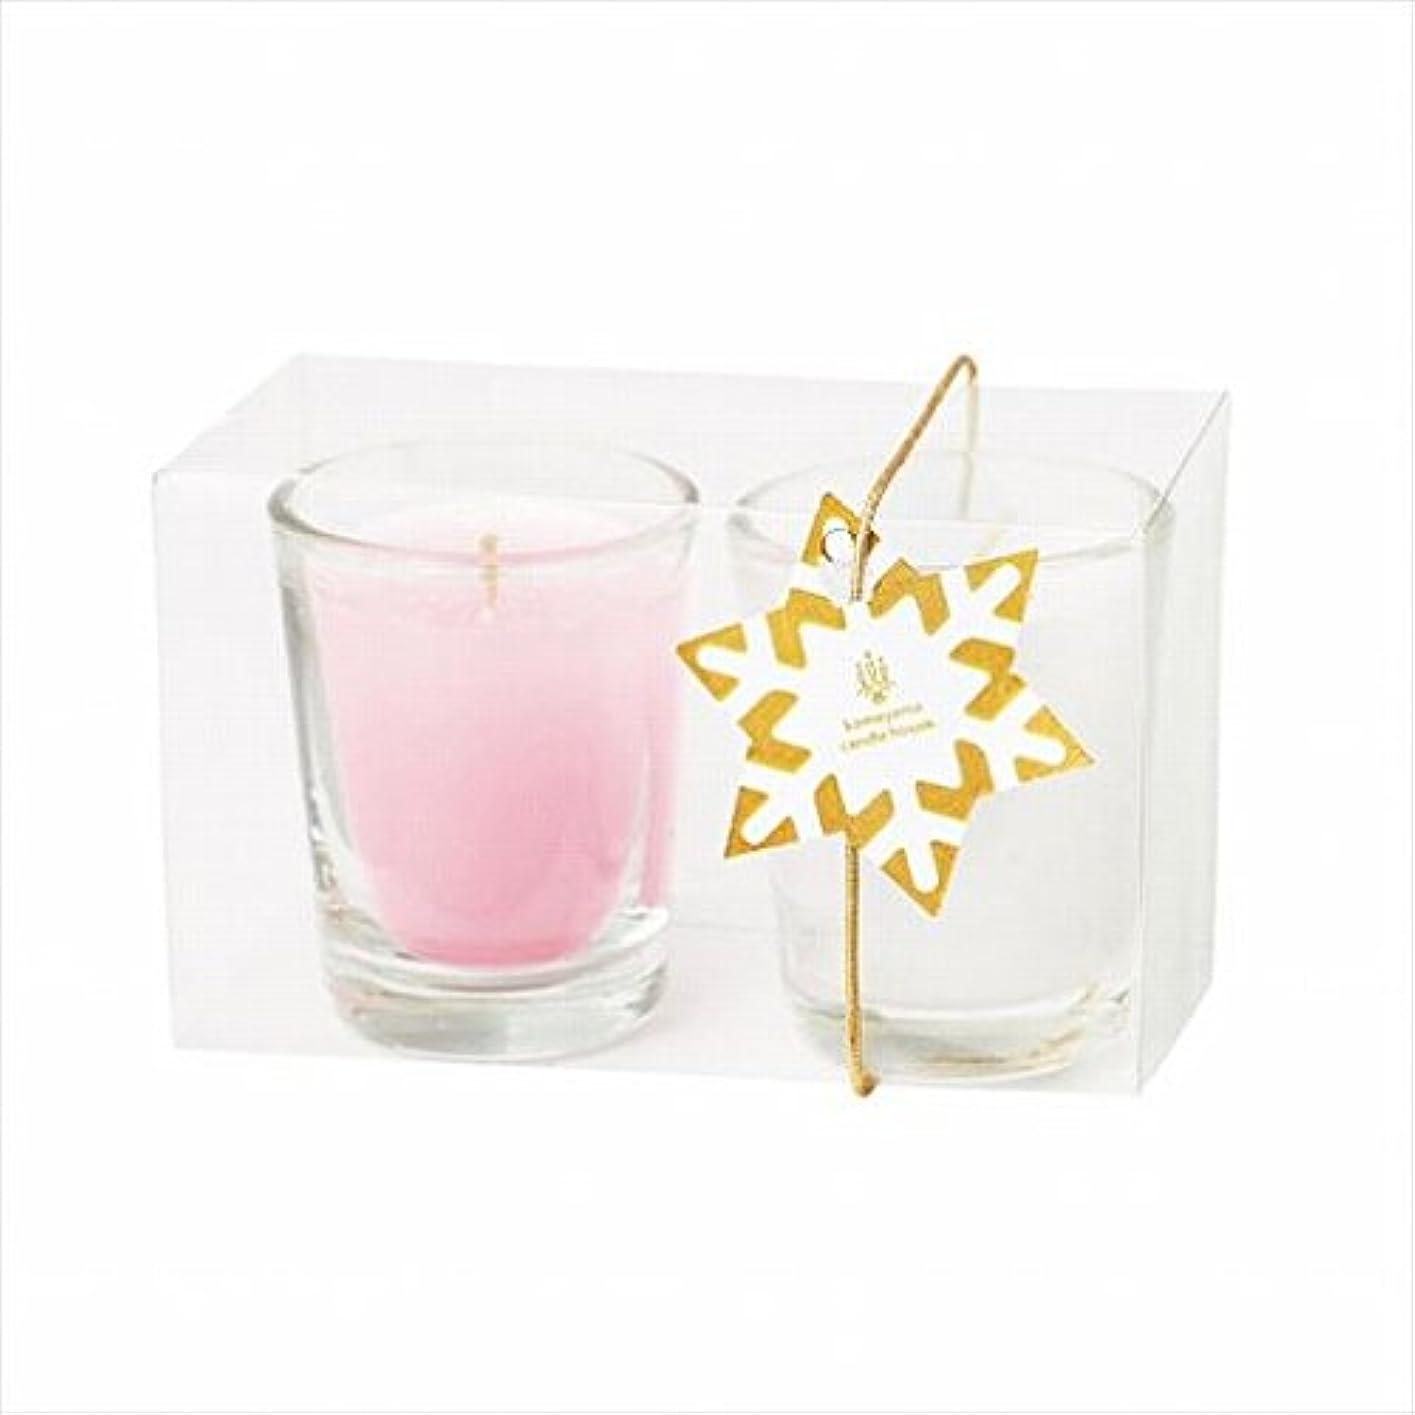 ピストンメリー競合他社選手カメヤマキャンドル(kameyama candle) ミニライト2個入り 「 ホワイト&ピンク 」